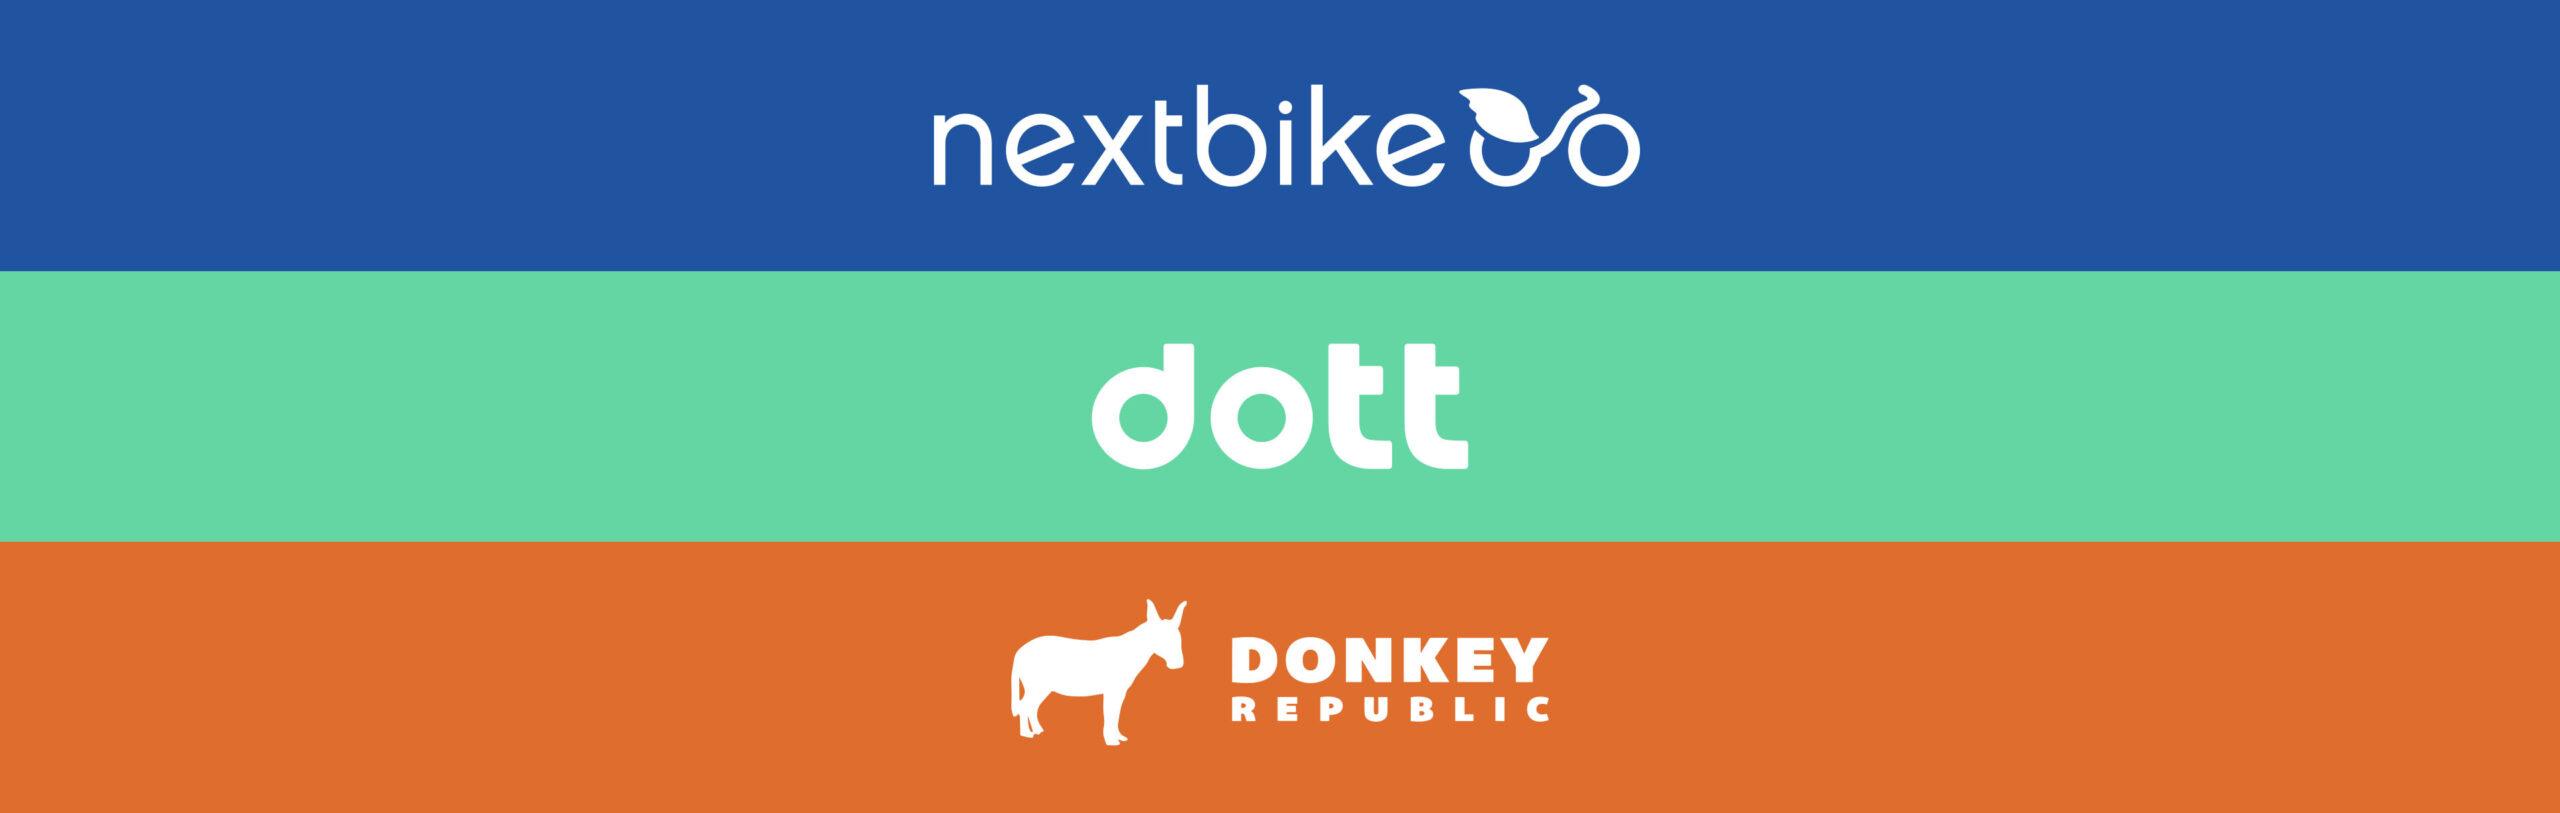 Nextbike, dott, Donkey Republic